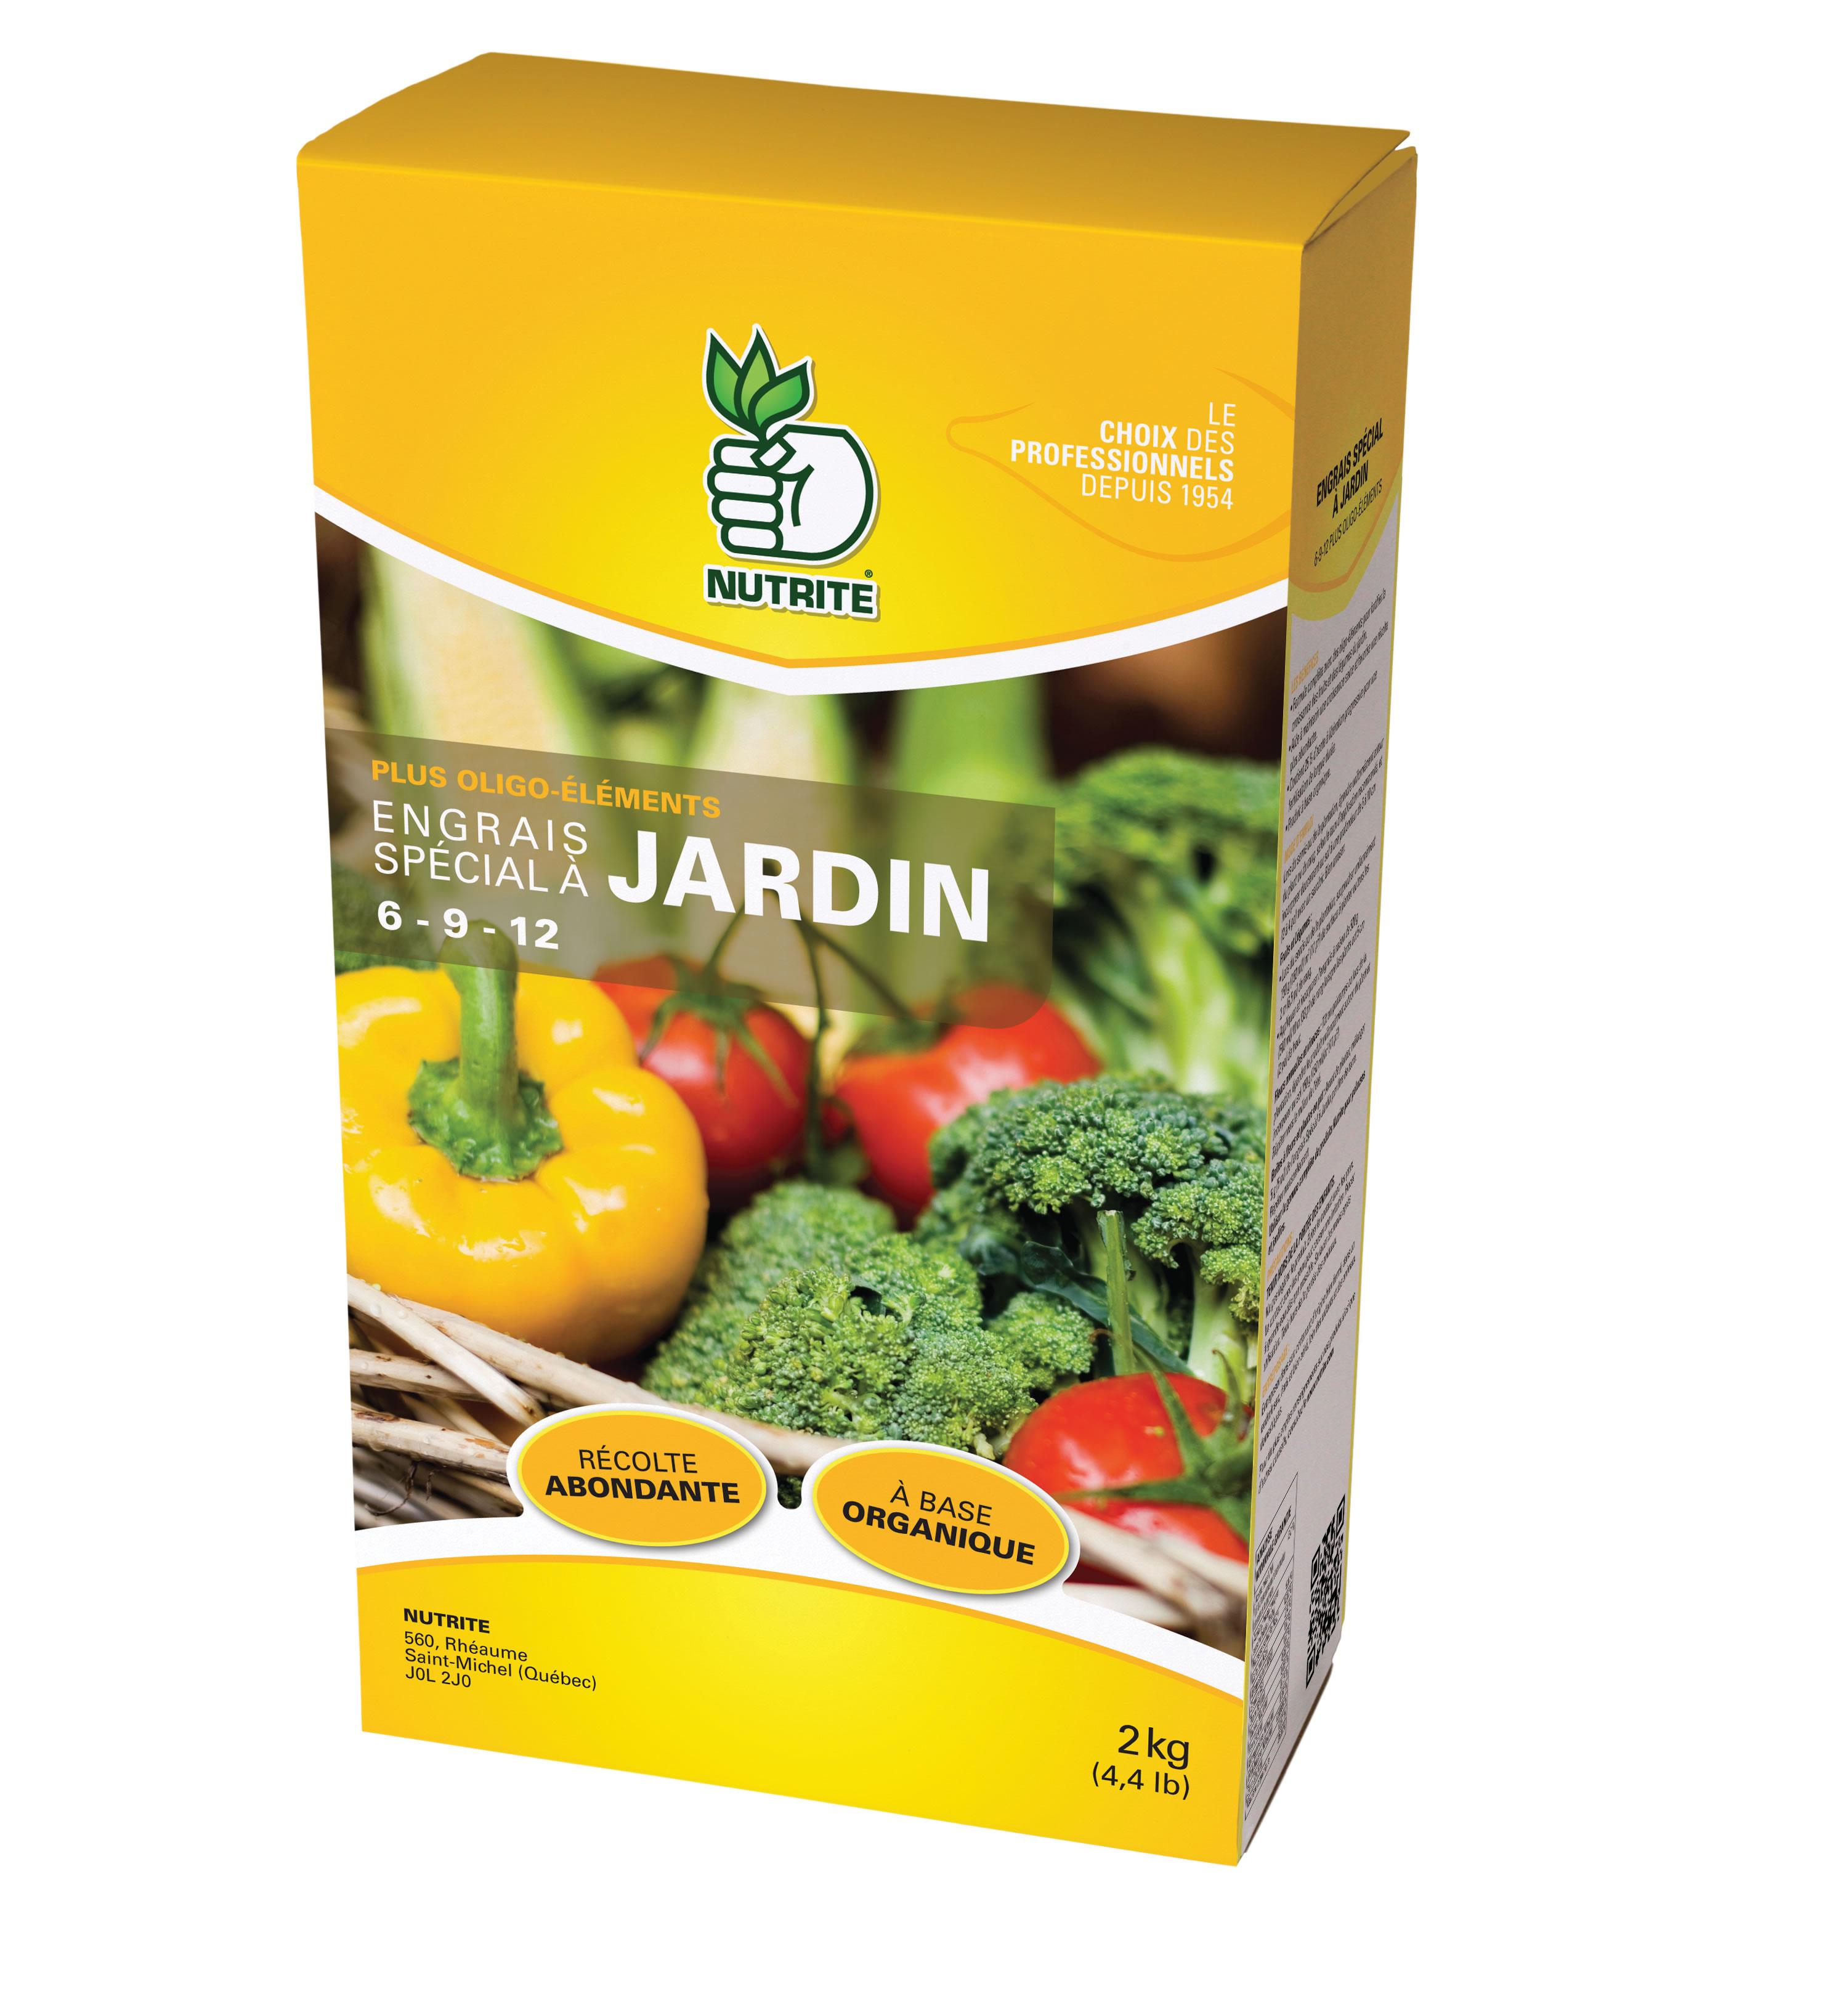 Engrais a jardin 6 9 12 nutrite nos produits for Azote pour jardin